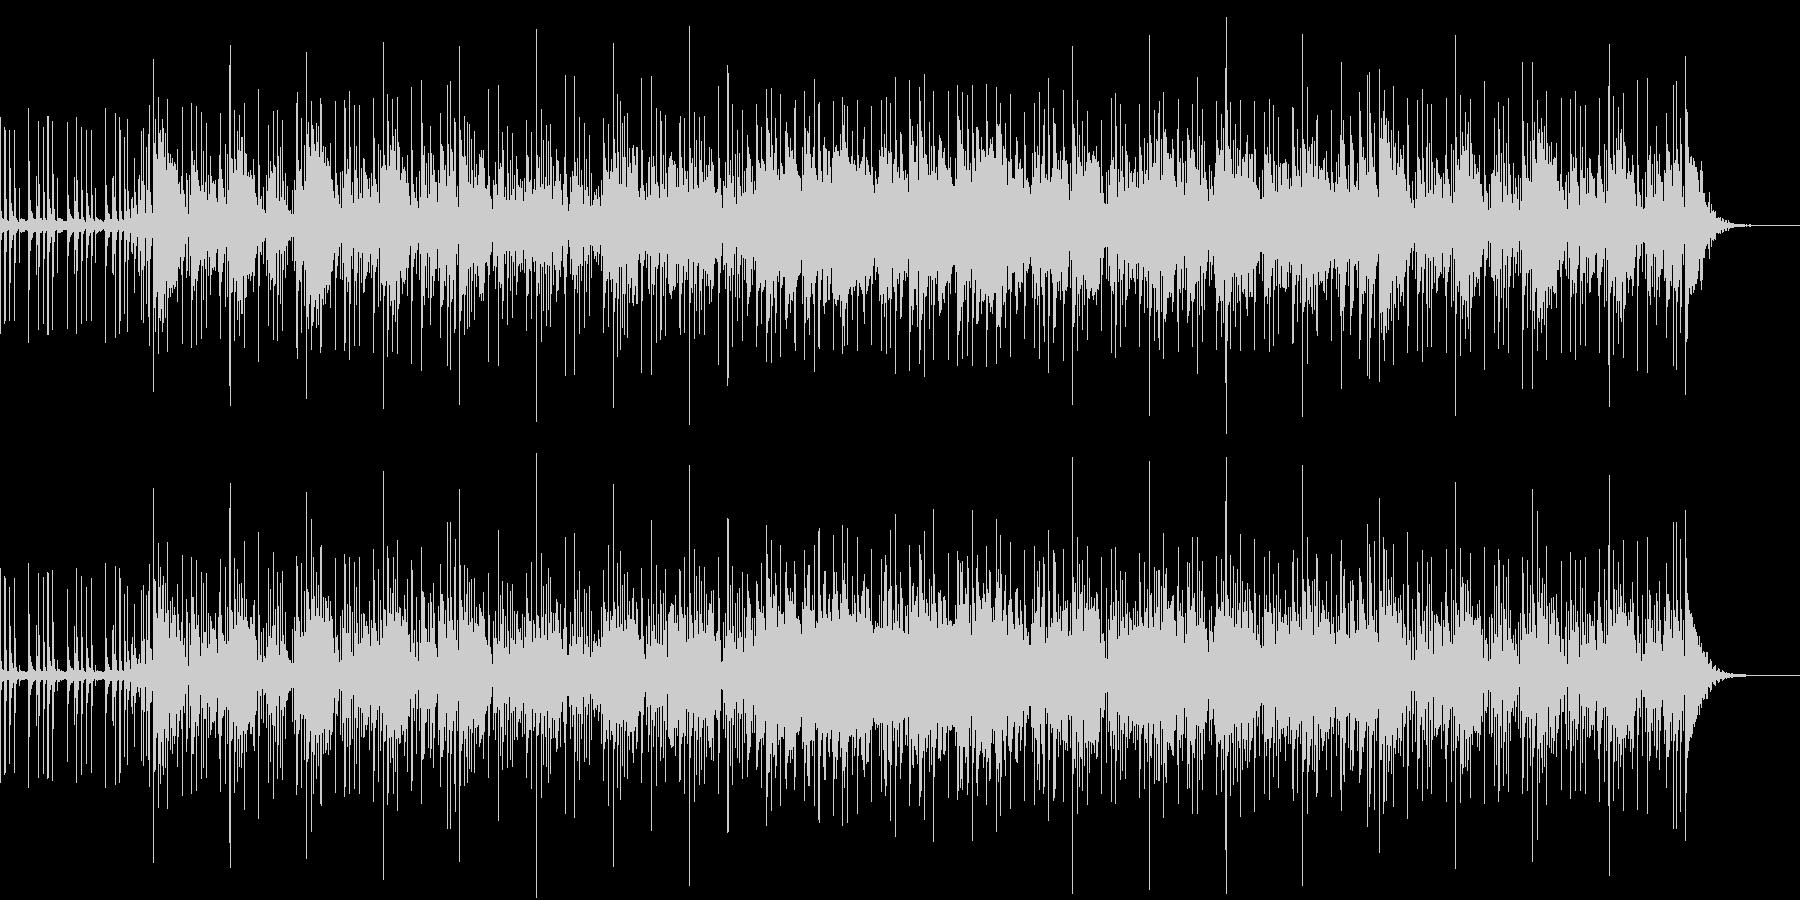 グルーヴィで明るいゆったりめのBGMの未再生の波形